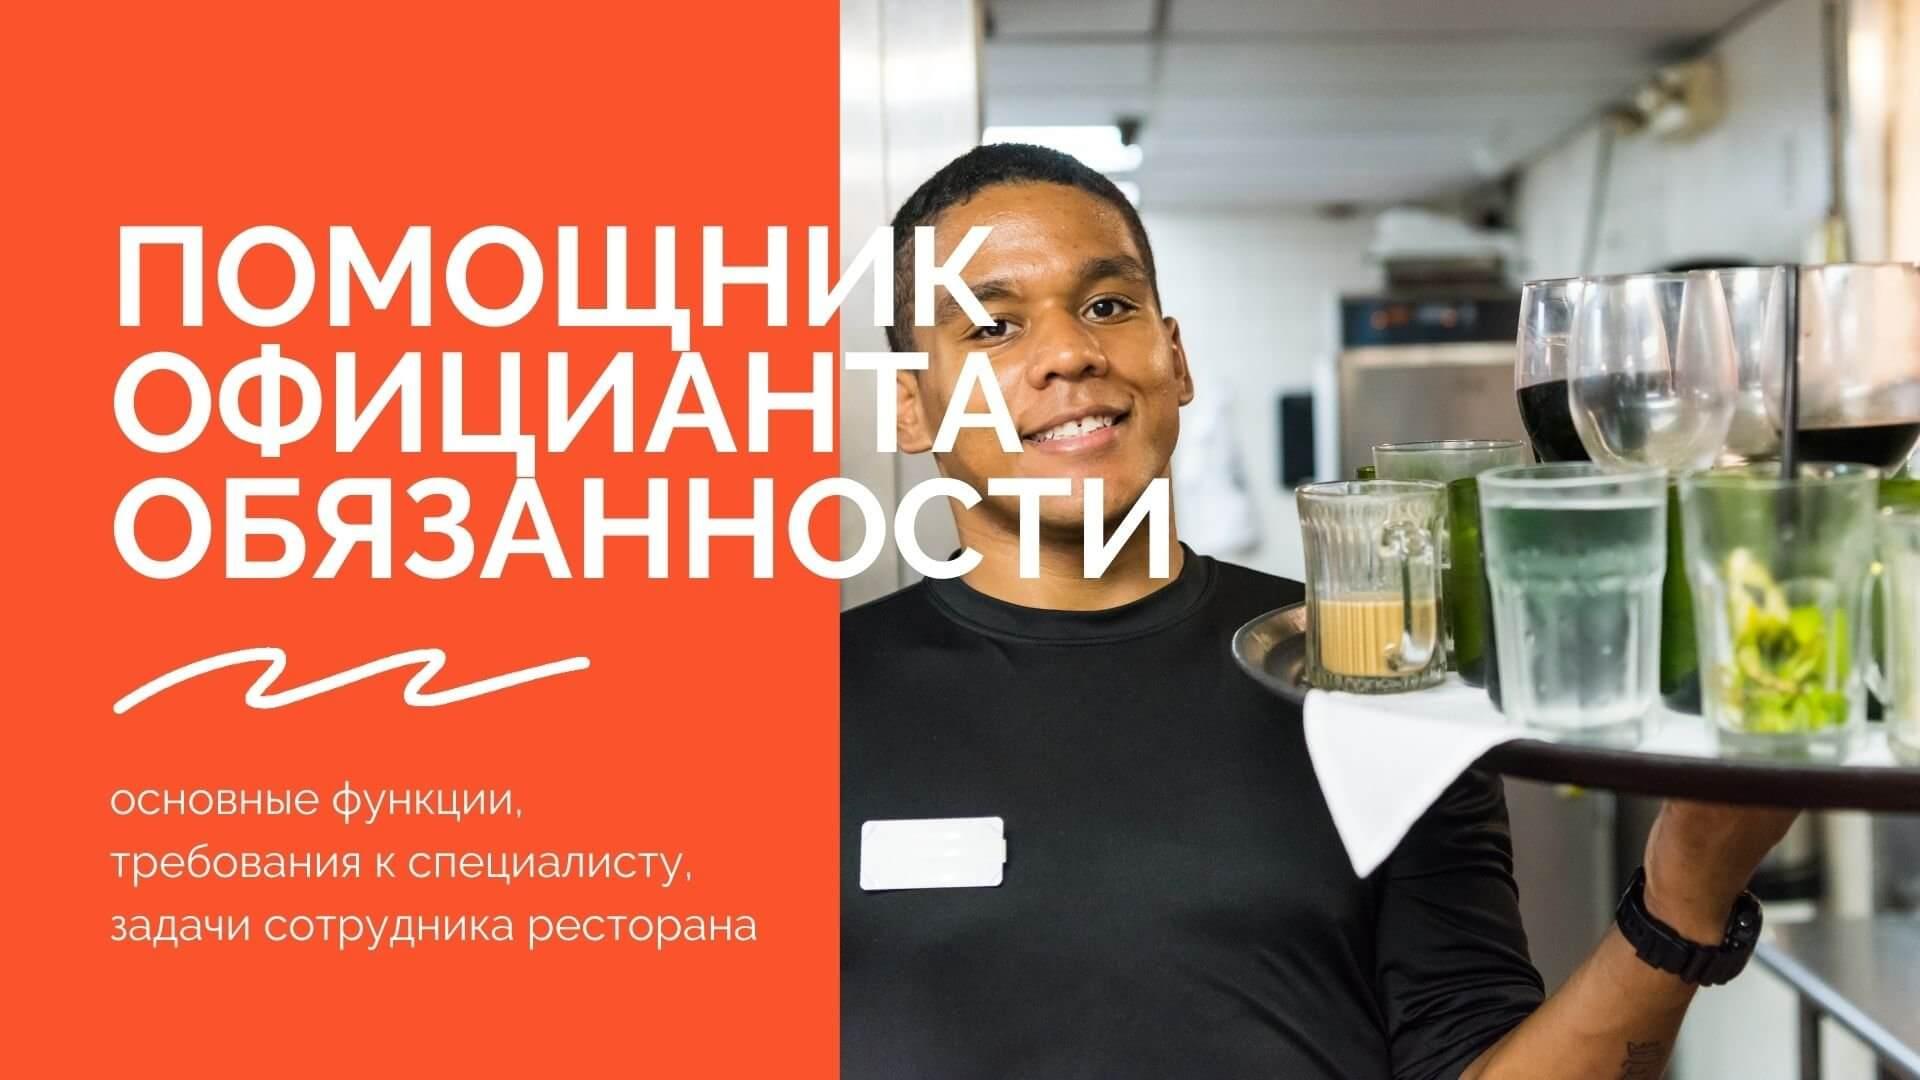 Помощник официанта обязанности: основные функции, требования к специалисту, задачи сотрудника ресторана